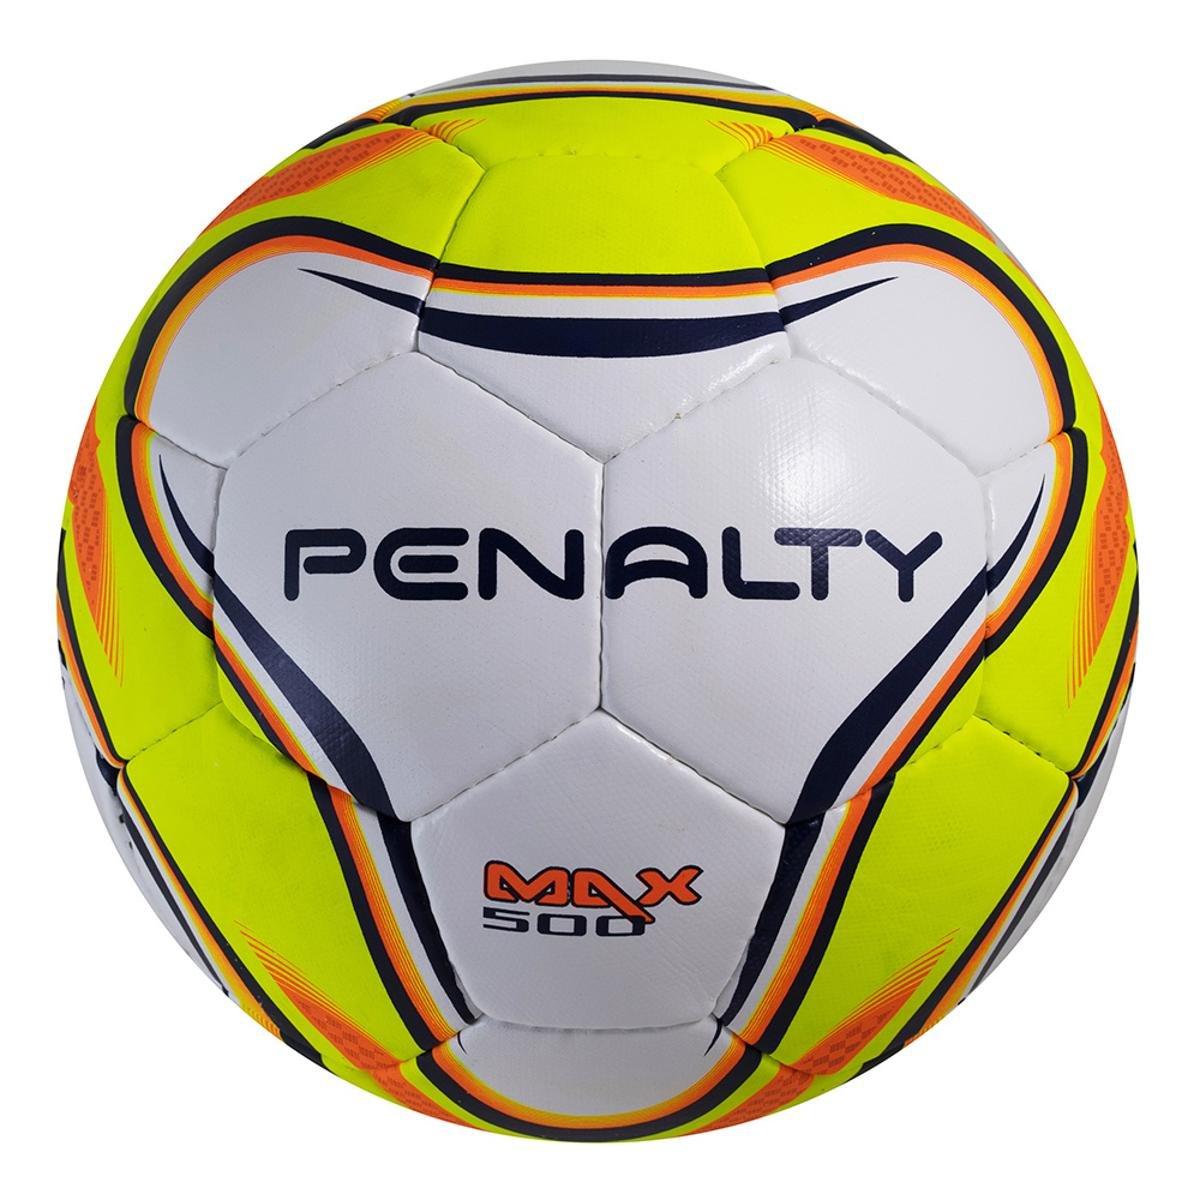 d4f82b4c56 Bola Futsal Penalty Max 500 C C Vi - Compre Agora